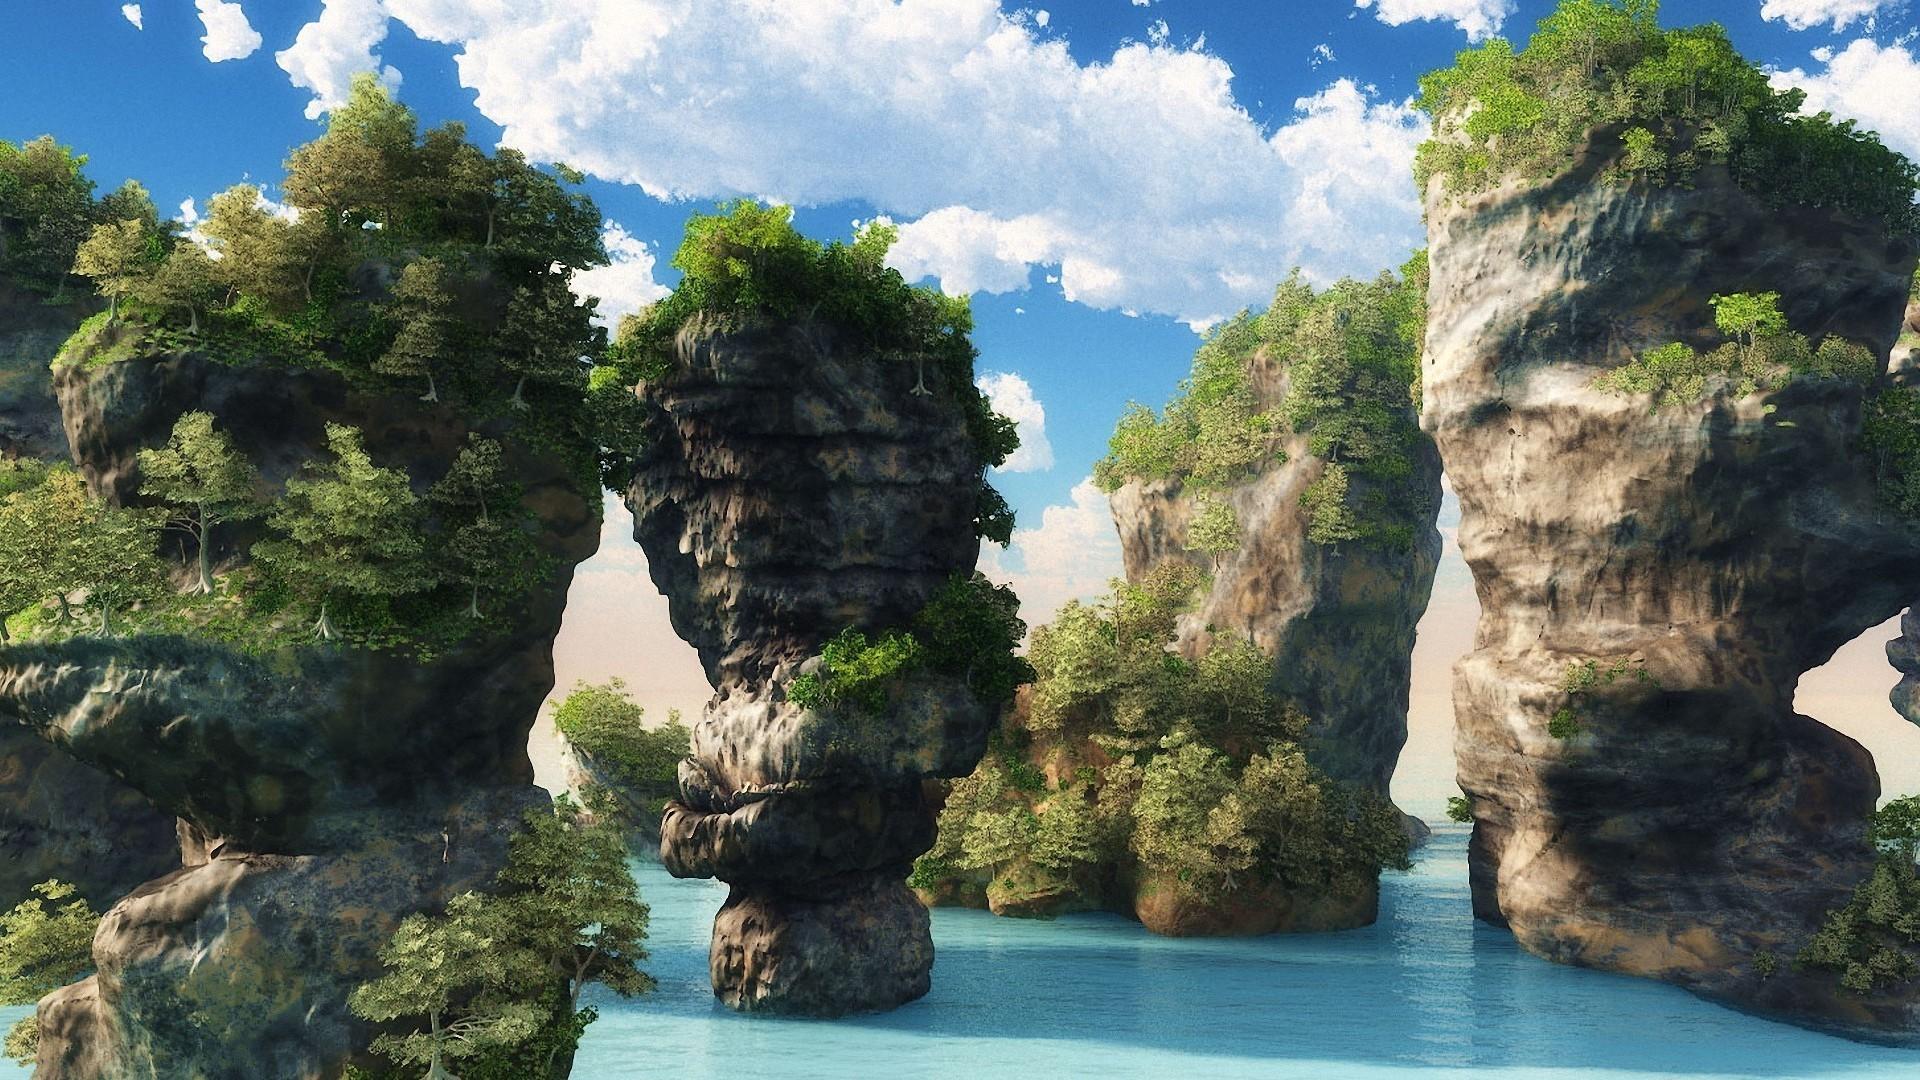 25714 скачать обои Пейзаж, Горы, Море, Облака - заставки и картинки бесплатно